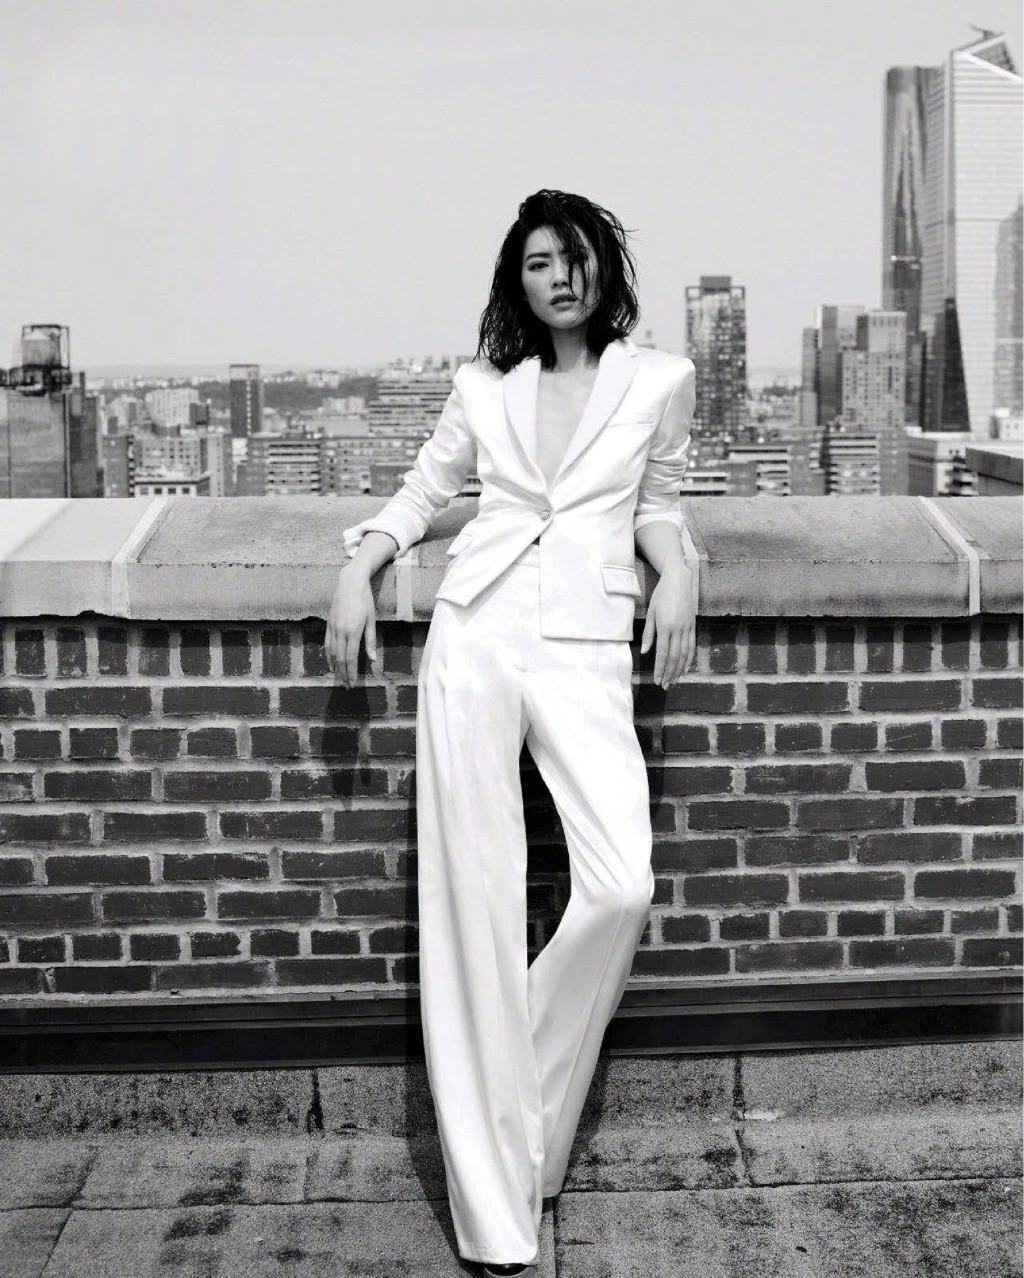 刘雯新写真曝光,穿V领西装配长裤气场强大,网友:高清镜头下这肤质你服吗